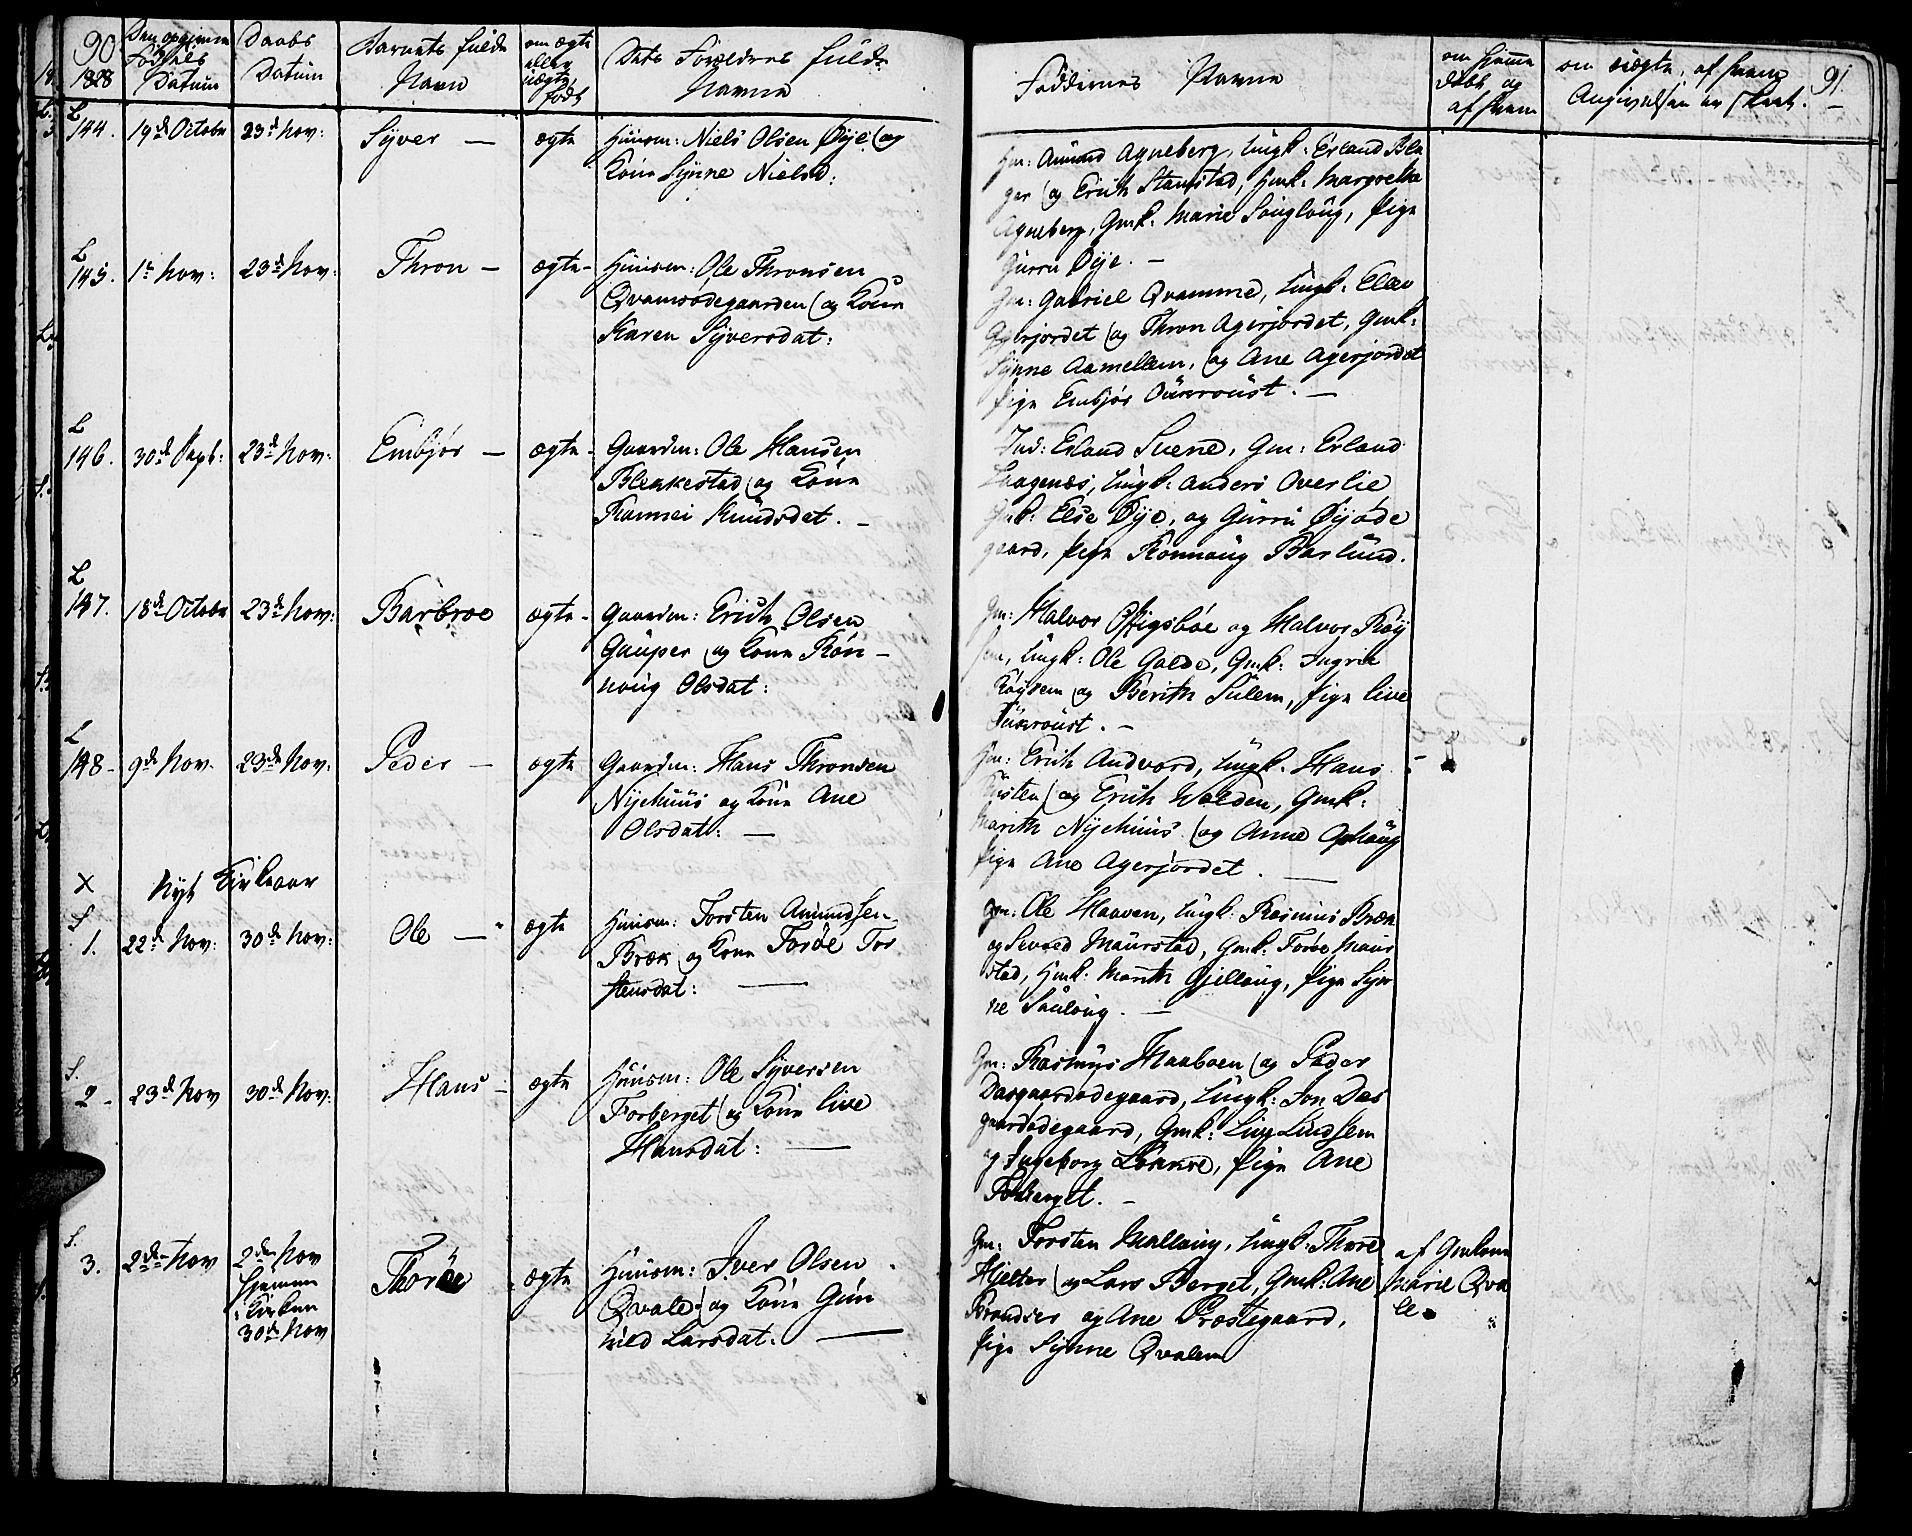 SAH, Lom prestekontor, K/L0005: Ministerialbok nr. 5, 1825-1837, s. 90-91